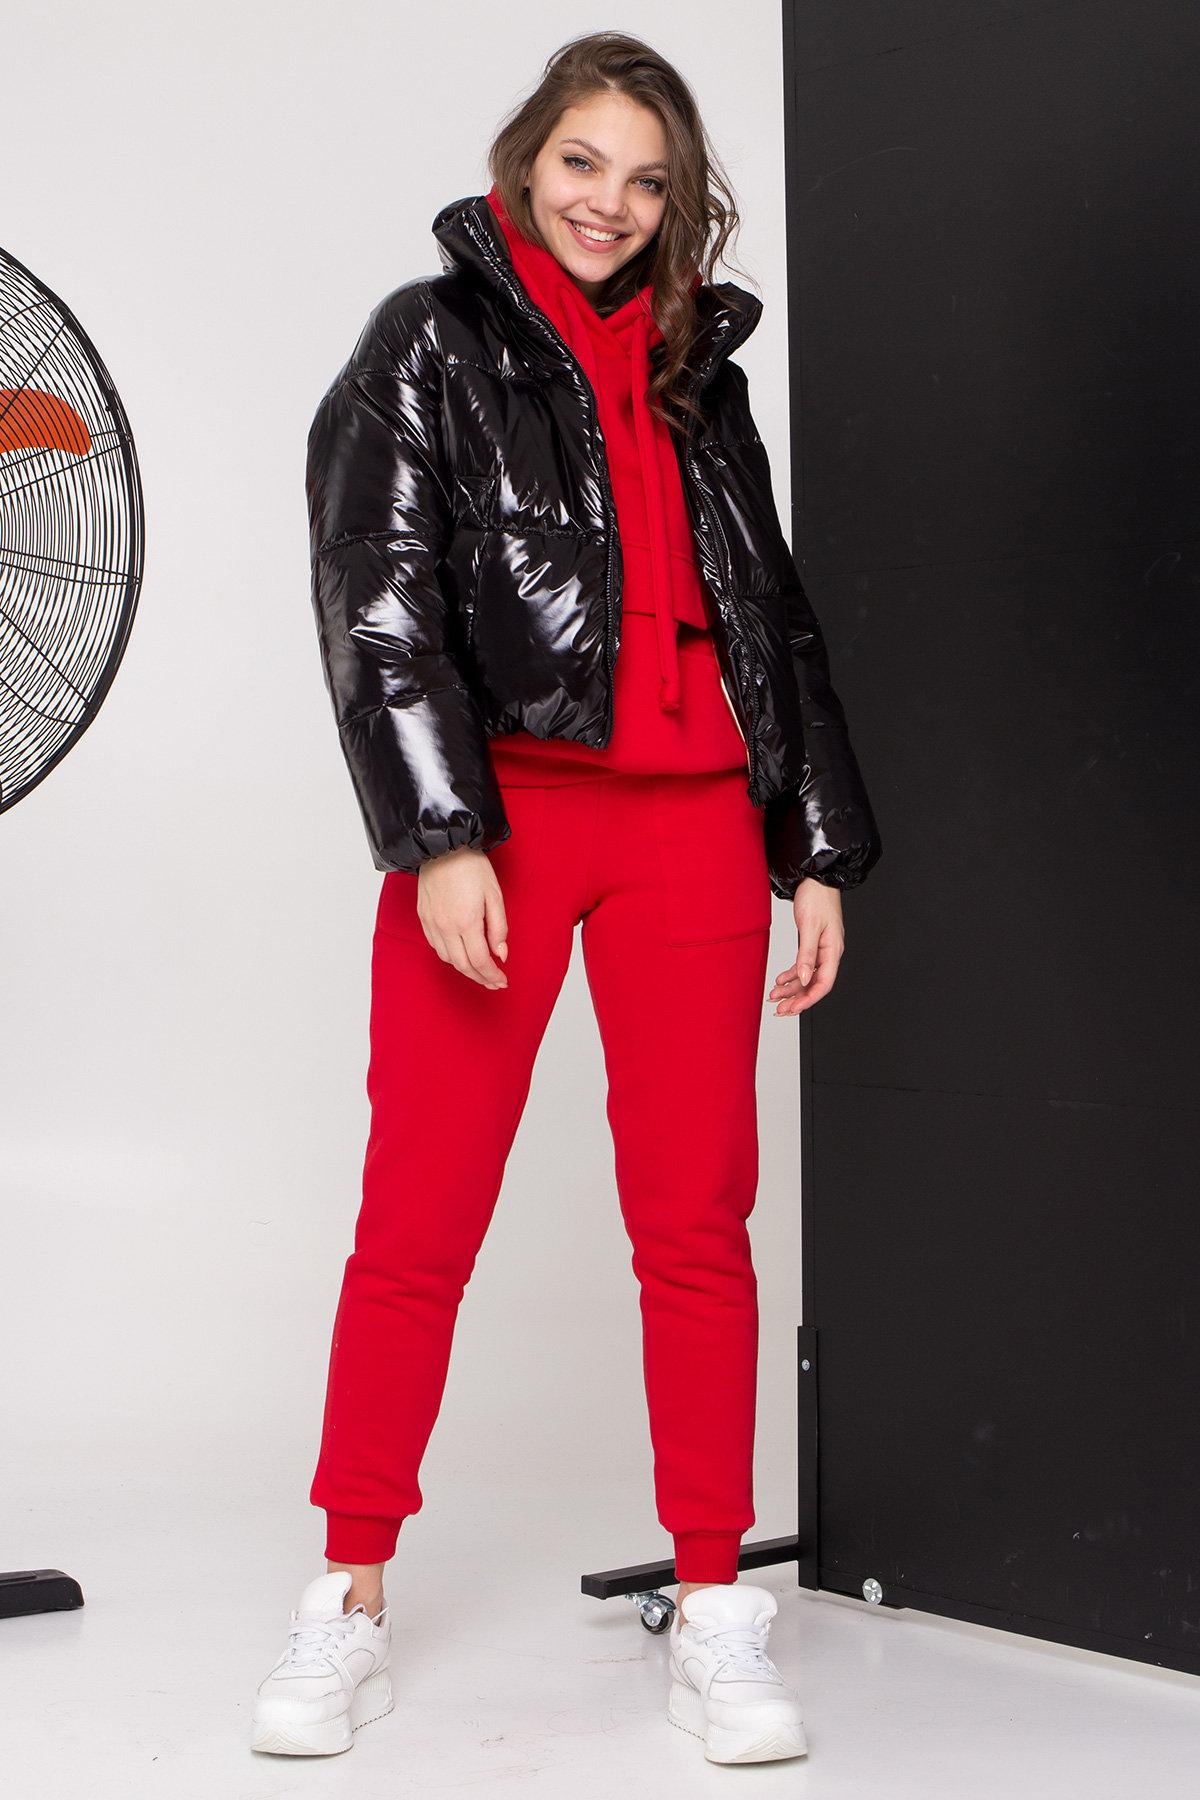 Куртка Драйв 8989 АРТ. 45299 Цвет: Черный - фото 1, интернет магазин tm-modus.ru